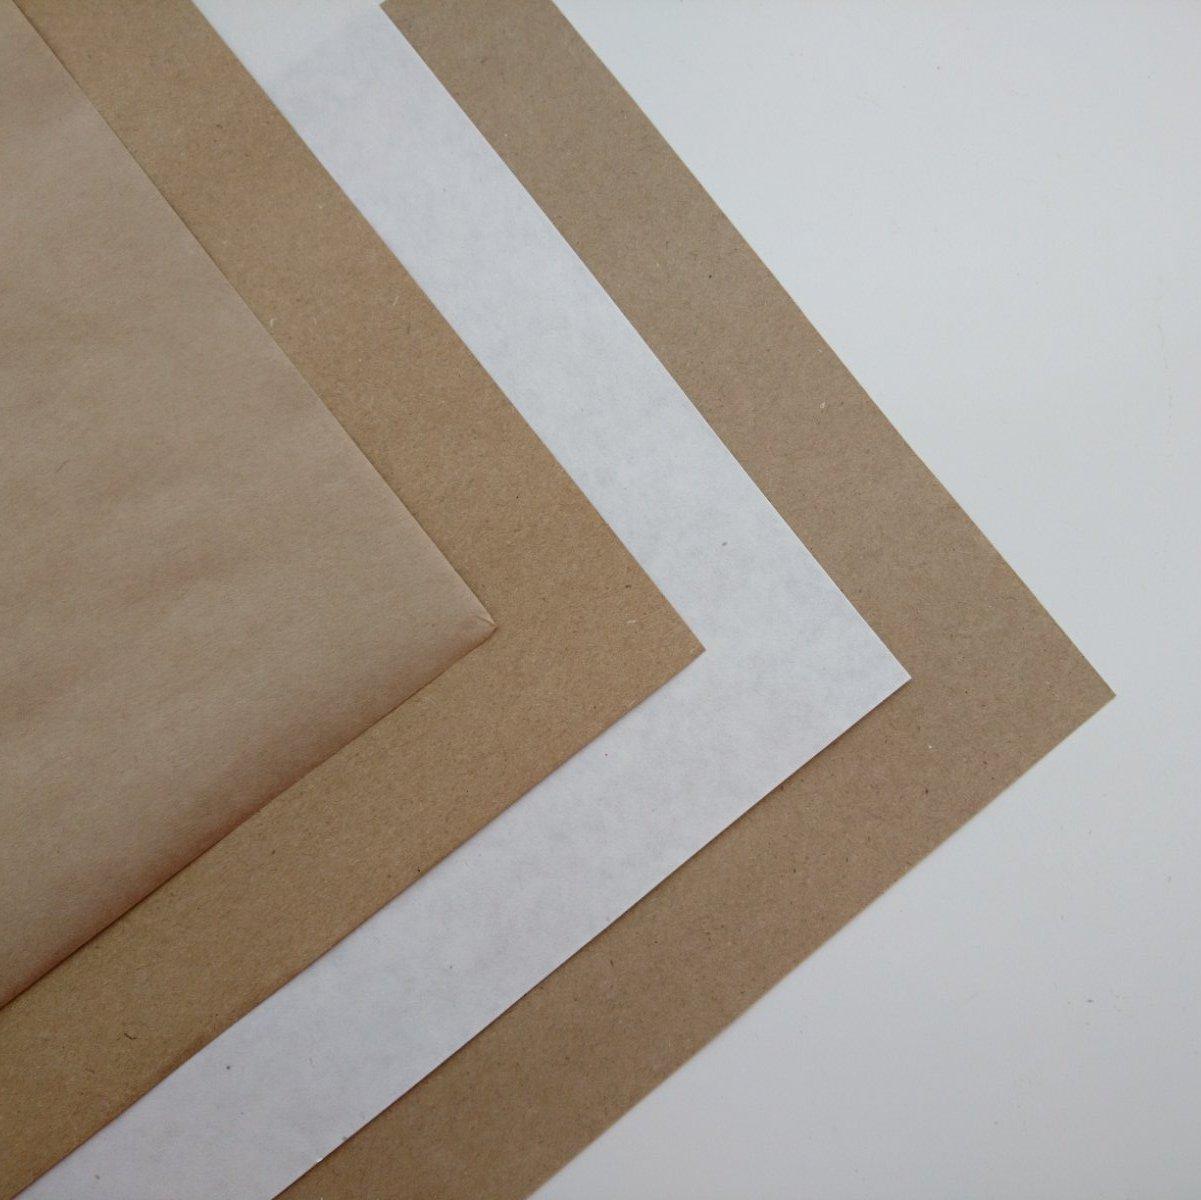 Крафт бумага А4, для печати, коричневая, белая, плотность 70 и 80 гр/кв.м